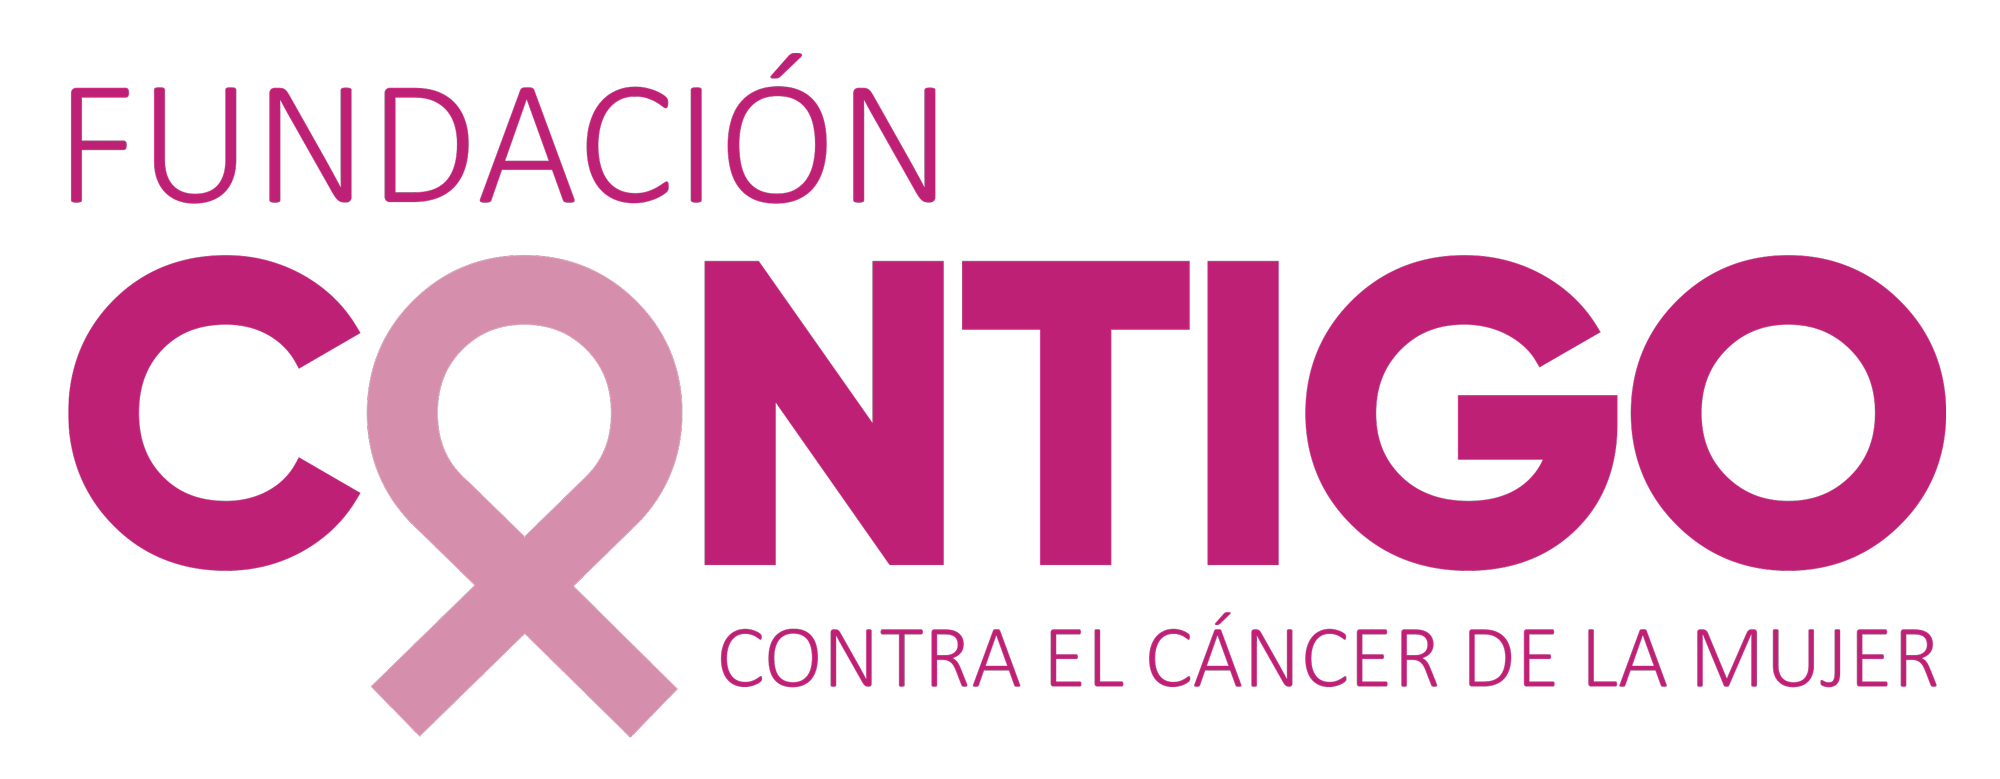 Fundación Contigo